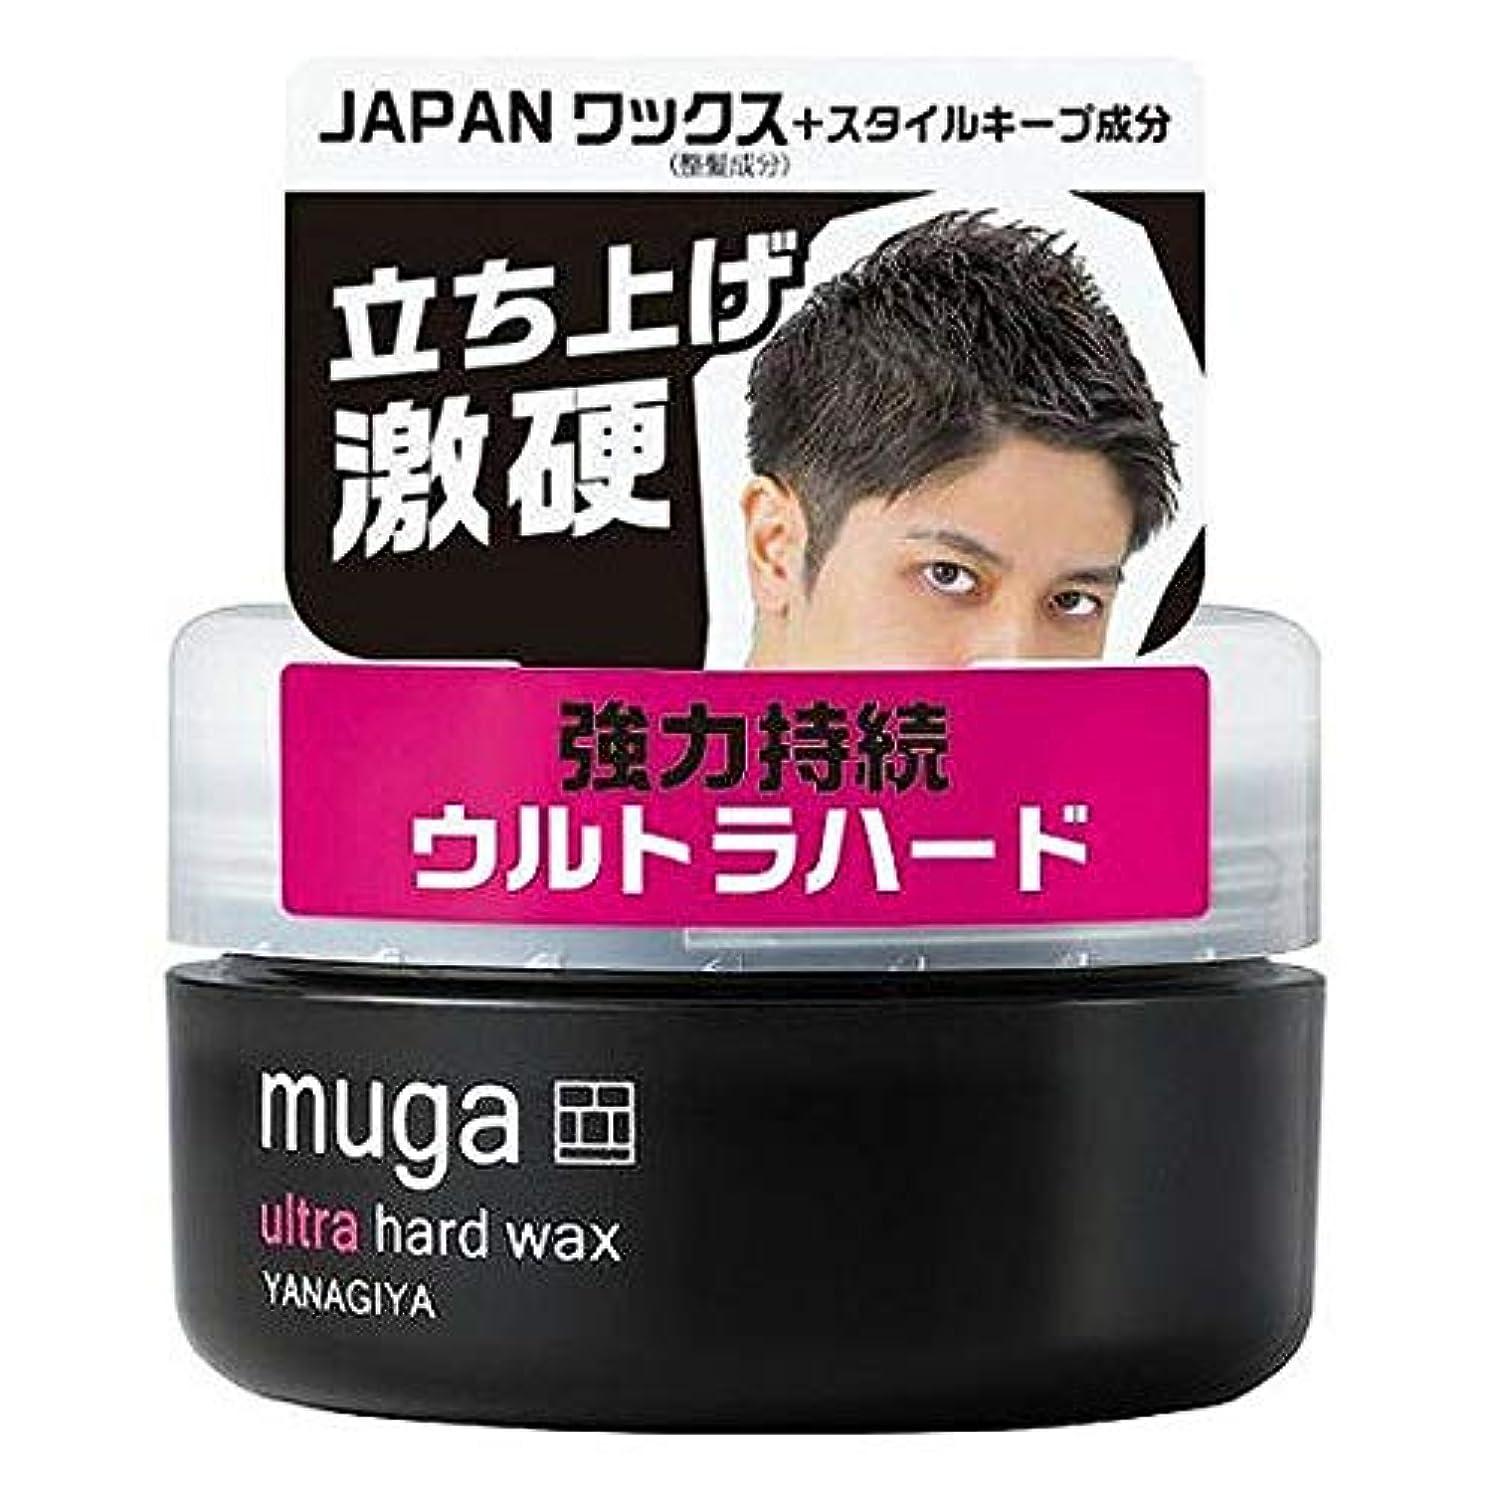 活性化する模索ペニー【柳屋本店】MUGA ウルトラハードワックス 85g